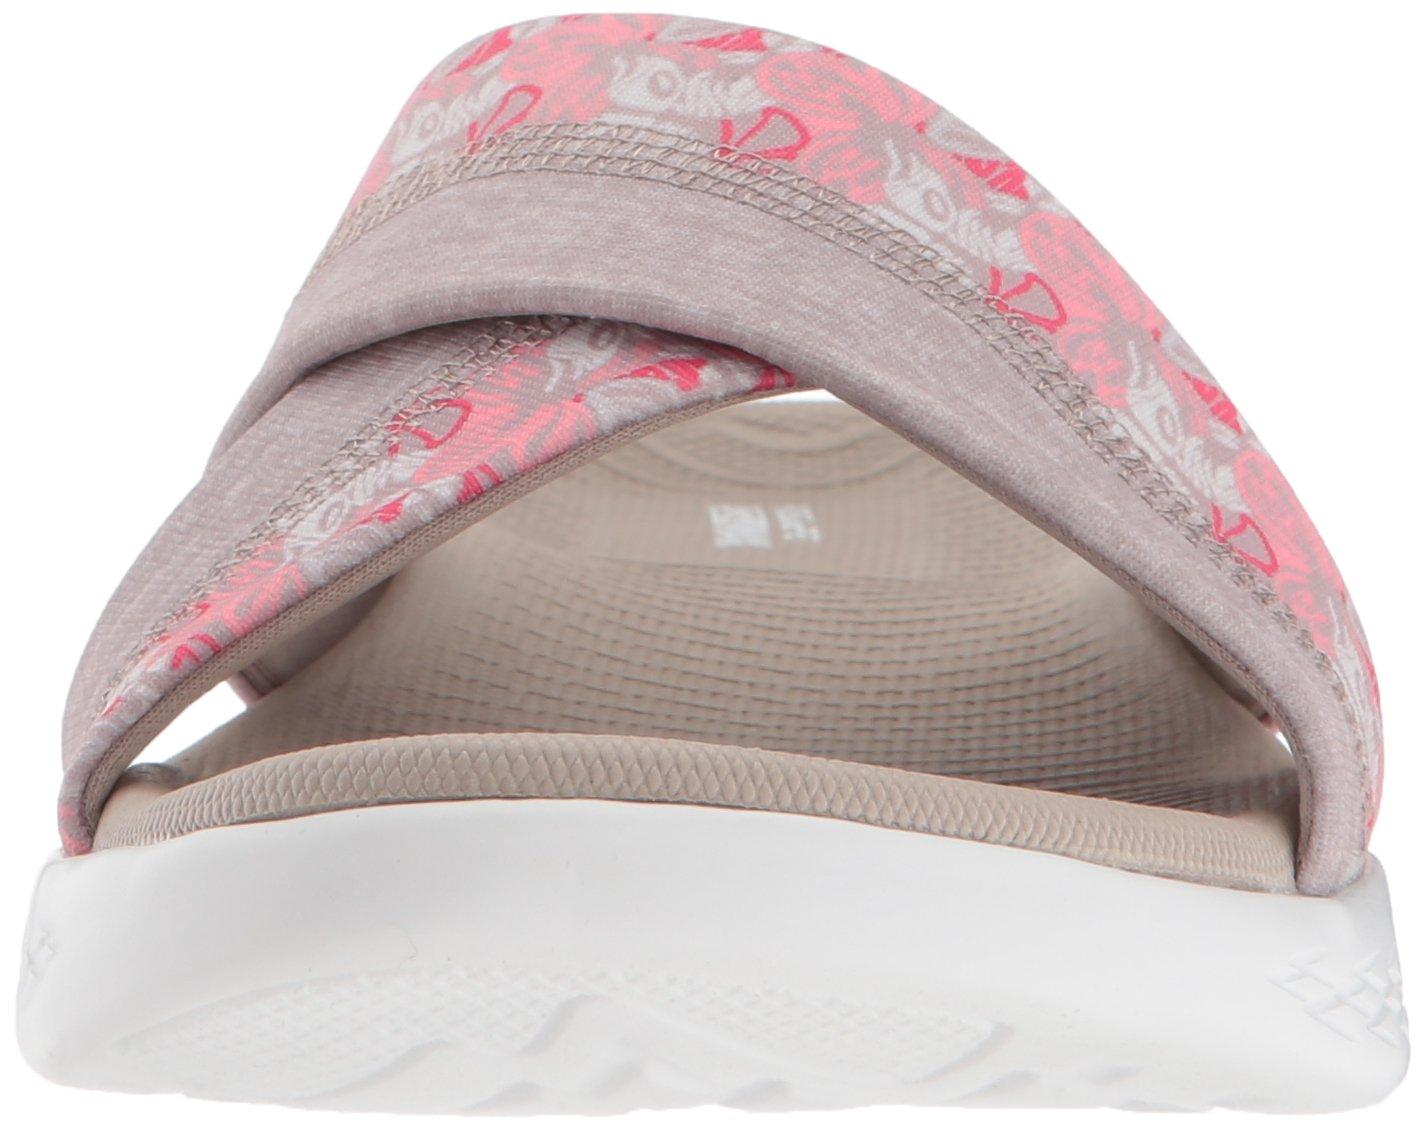 Skechers Women's on-The-Go 600-Monarch (W) Slide Sandal B07B5FDXDC 6 (W) 600-Monarch US|Taupe b993a0